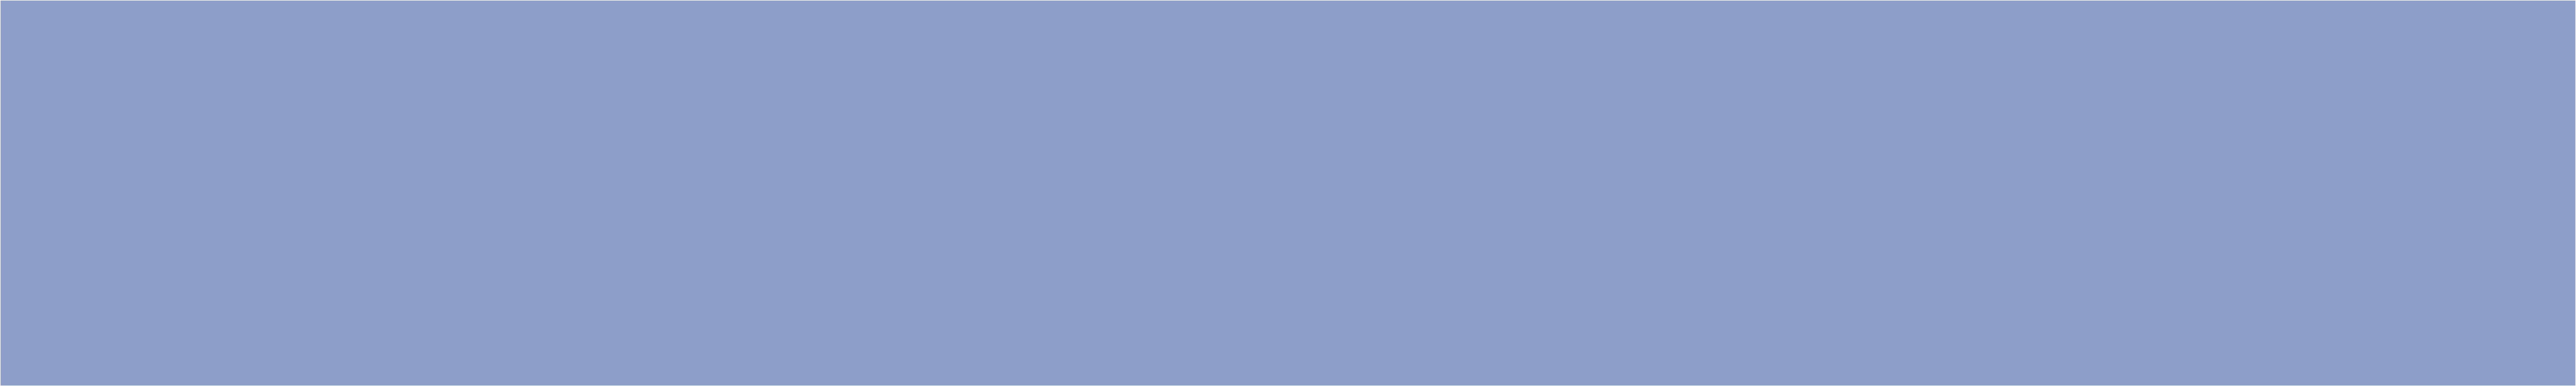 Hintergrund_blau_2